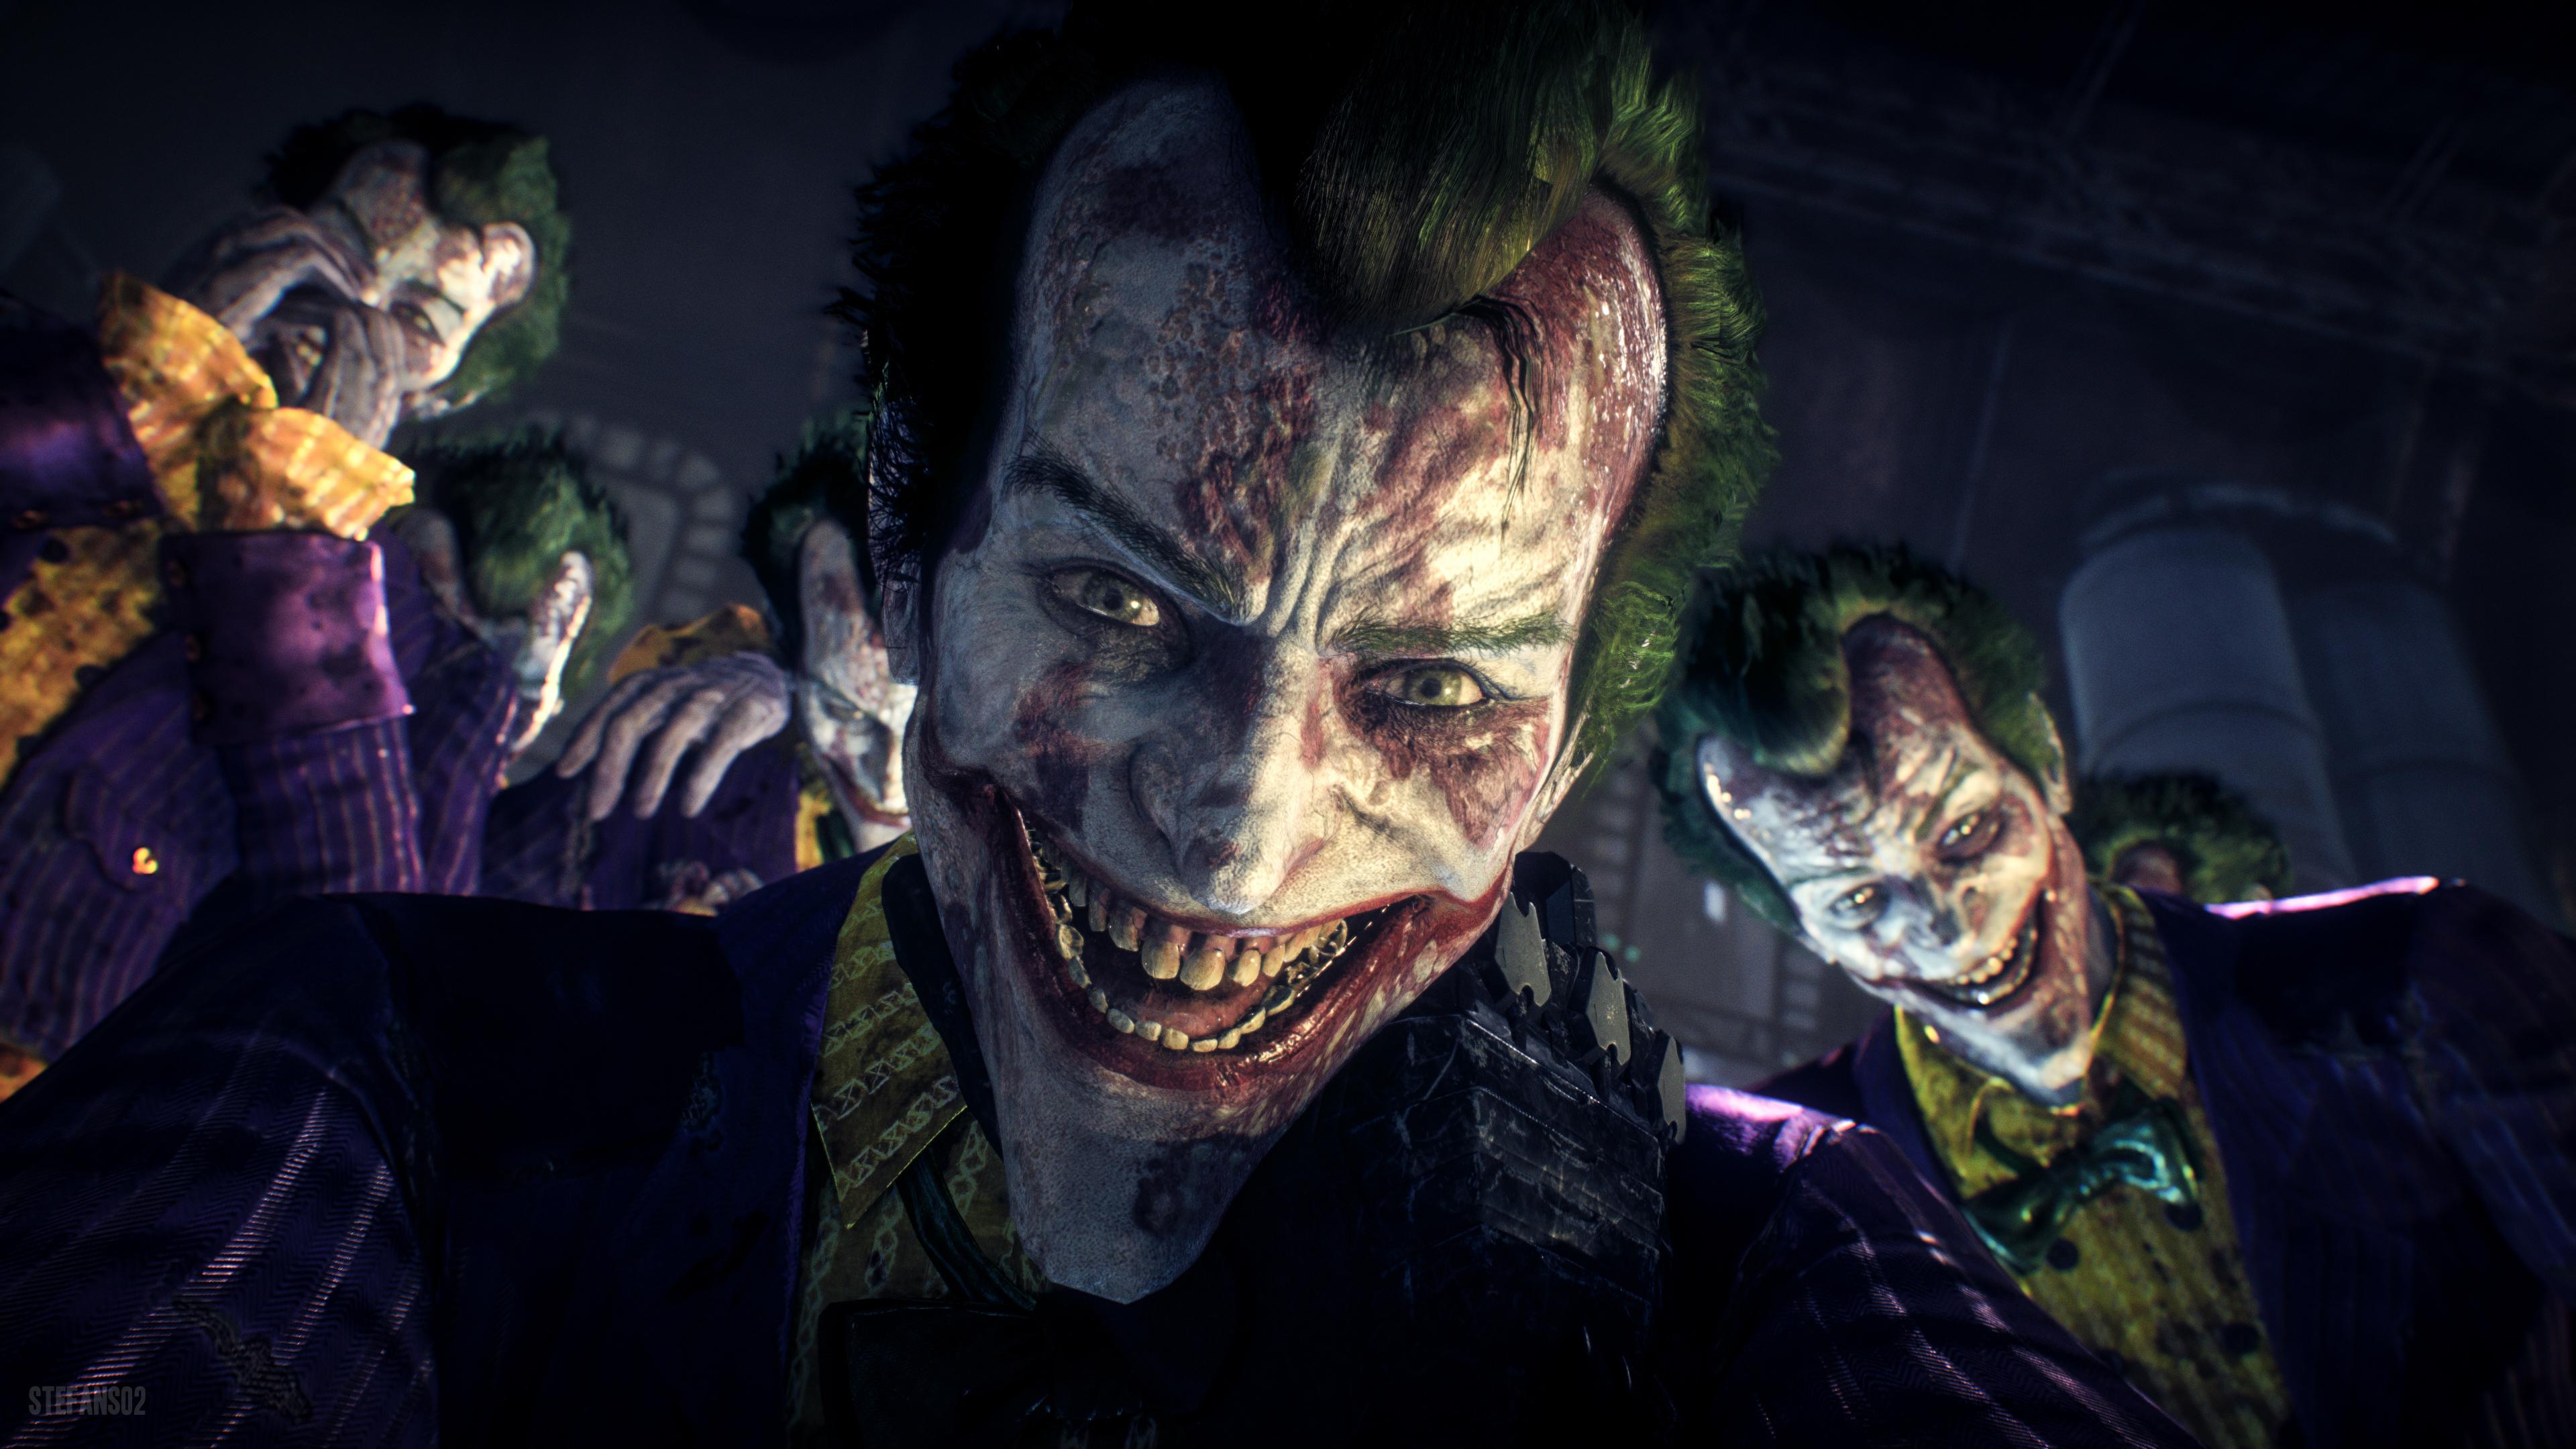 2048x2048 Joker Batman Arkham Knight Ipad Air HD 4k Wallpapers